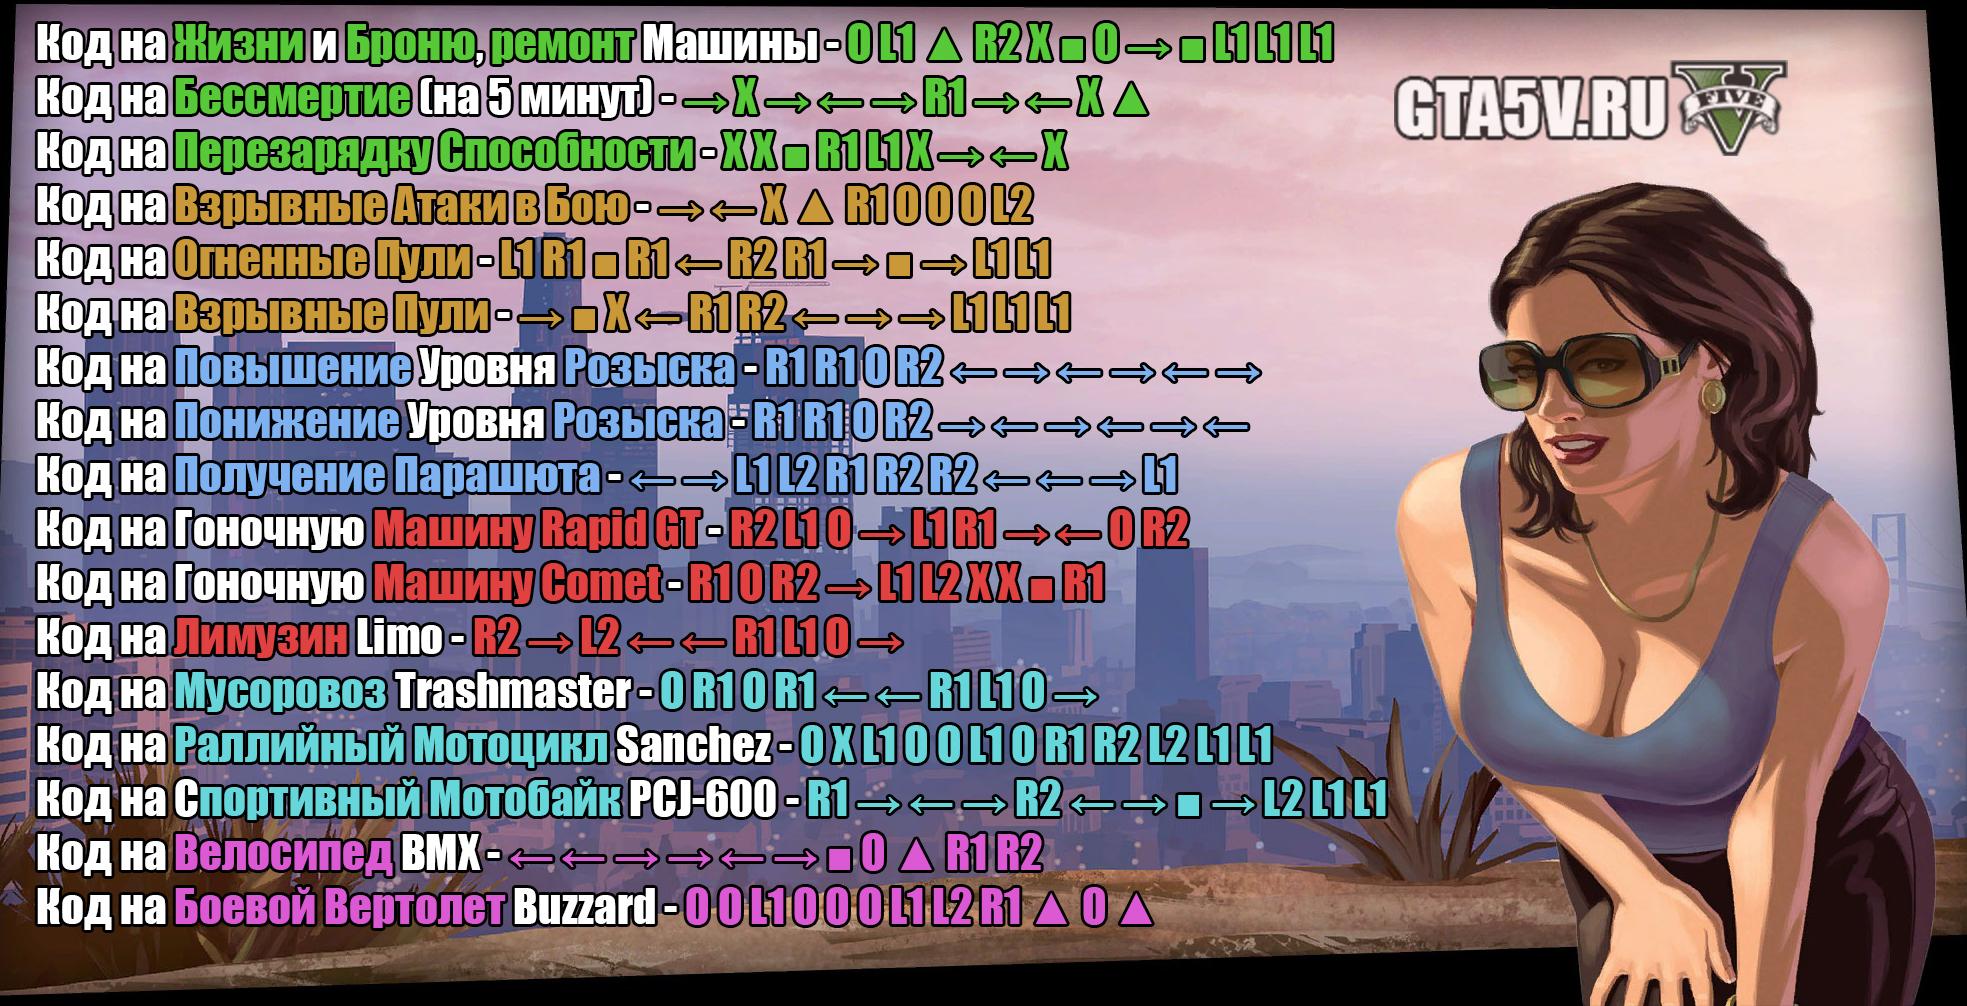 Читы коды на ГТА 5 на PS3 — Коды на гта 5 на Плейстейшен 3